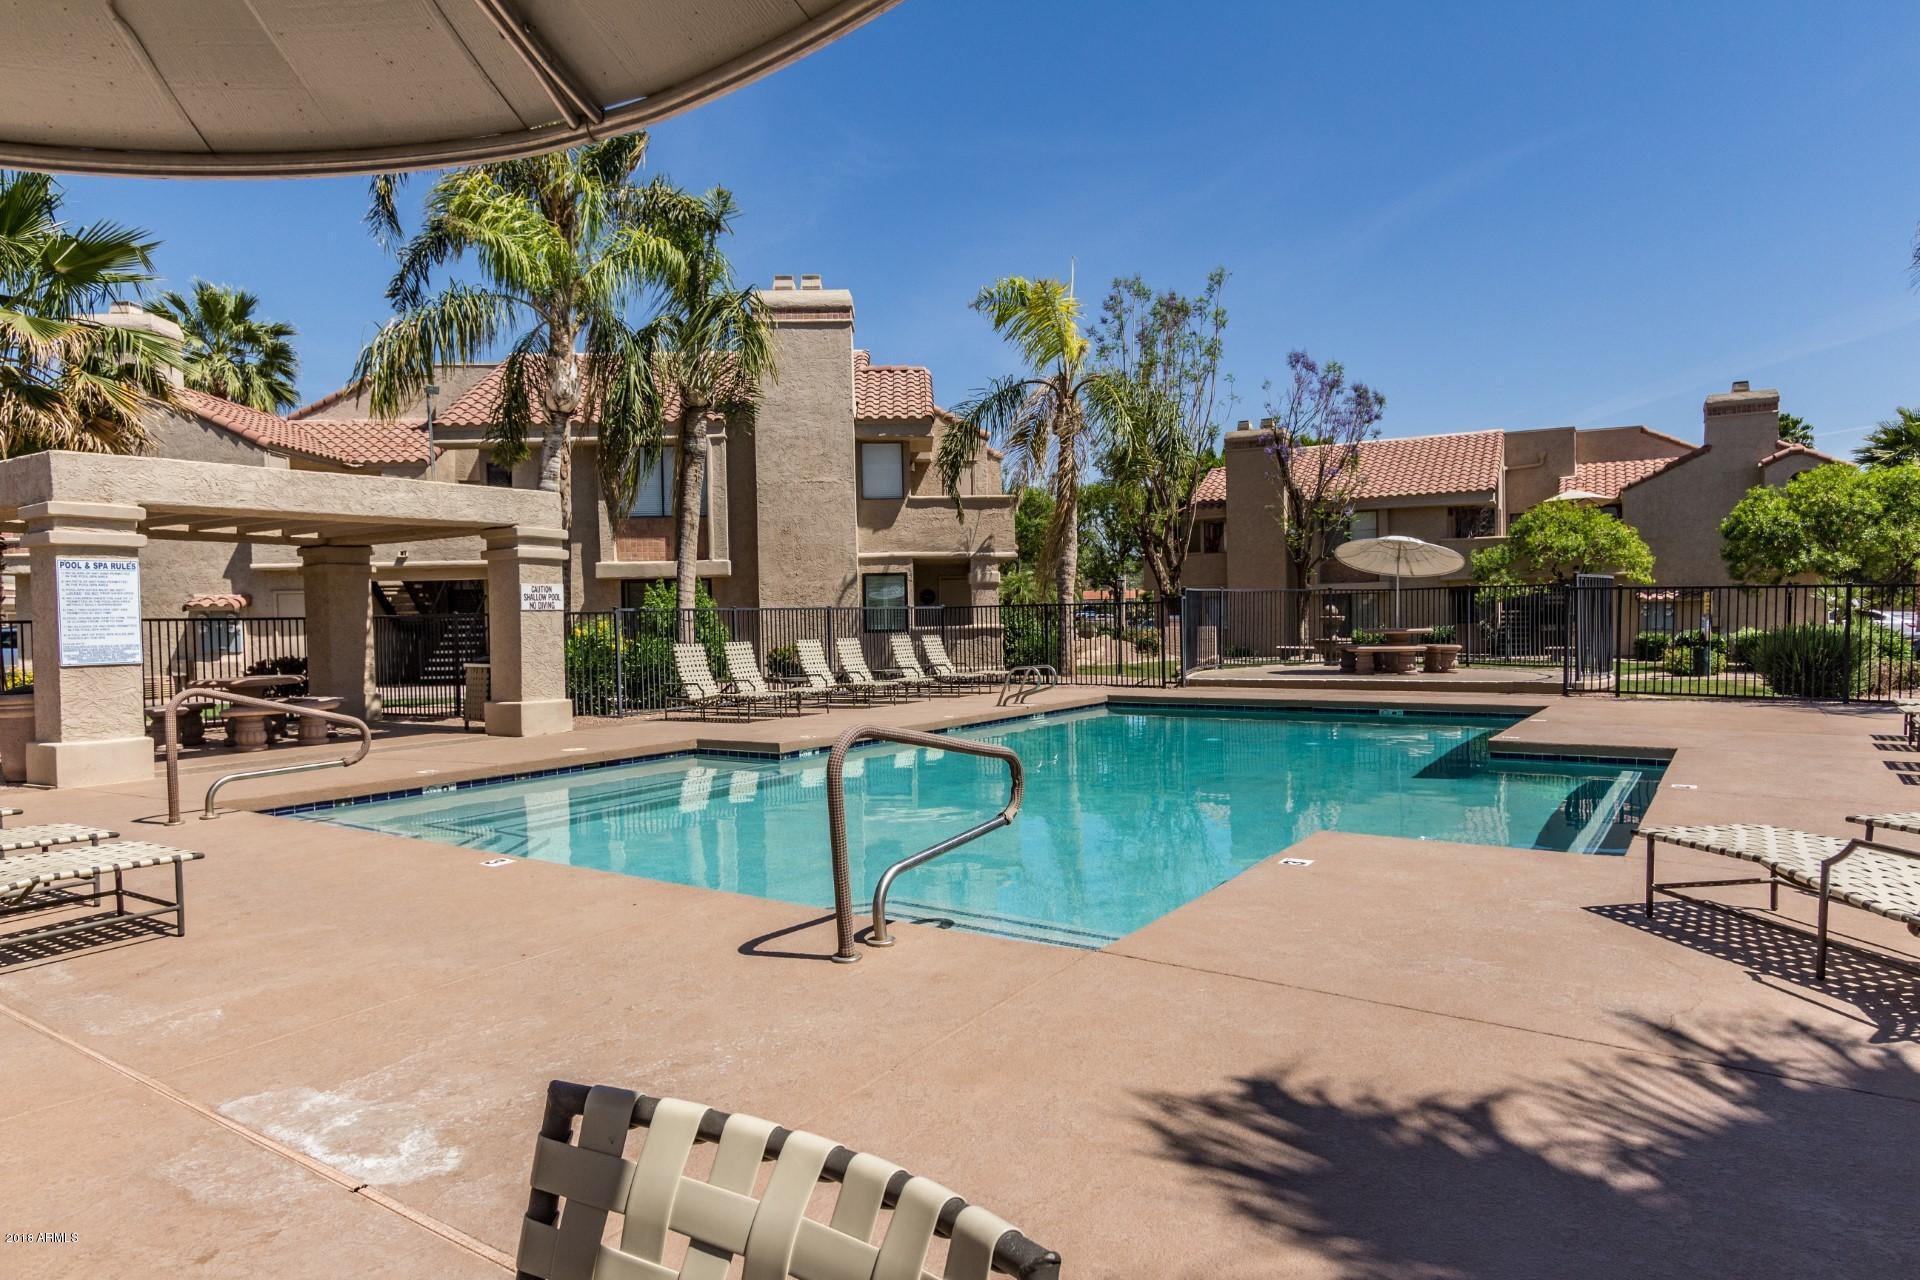 10055 E MOUNTAINVIEW LAKE Drive, 1077, Scottsdale, AZ 85258 ...